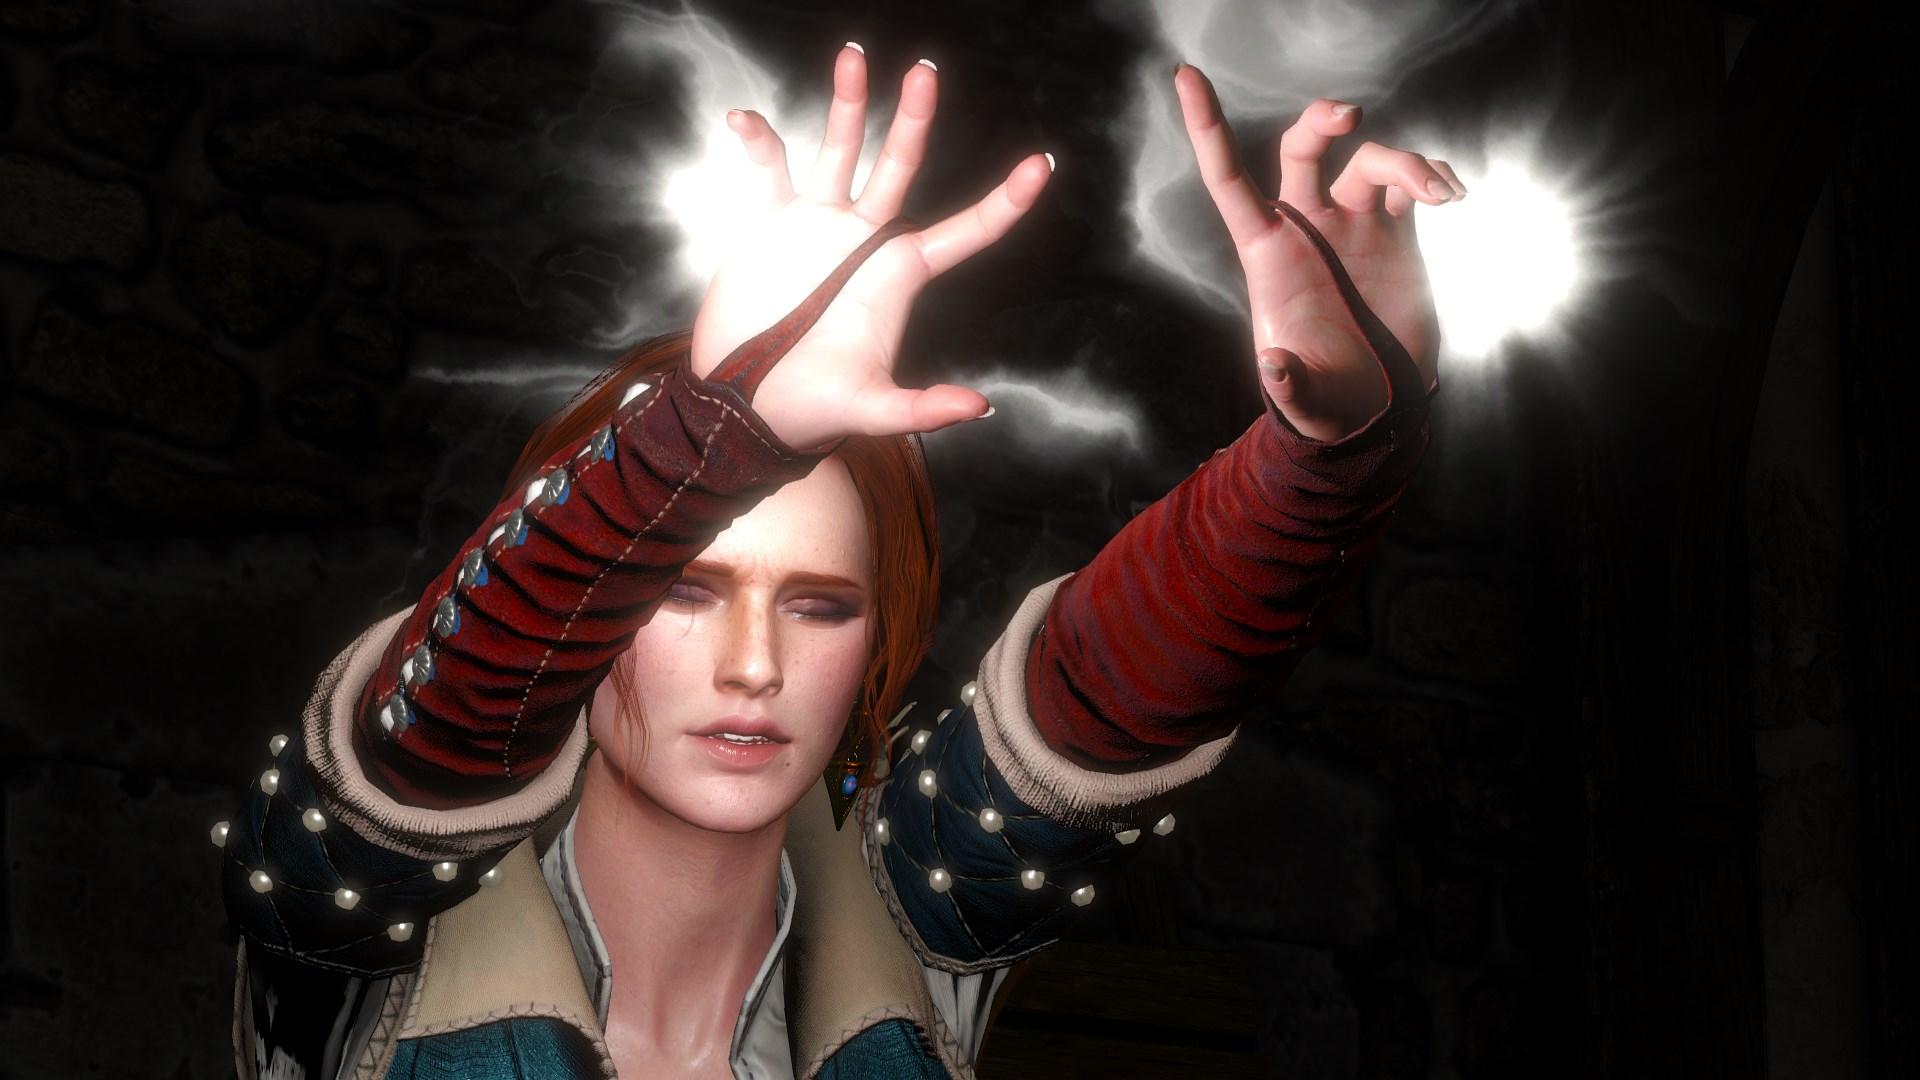 dUmAQUDz_o.jpg - Witcher 3: Wild Hunt, the